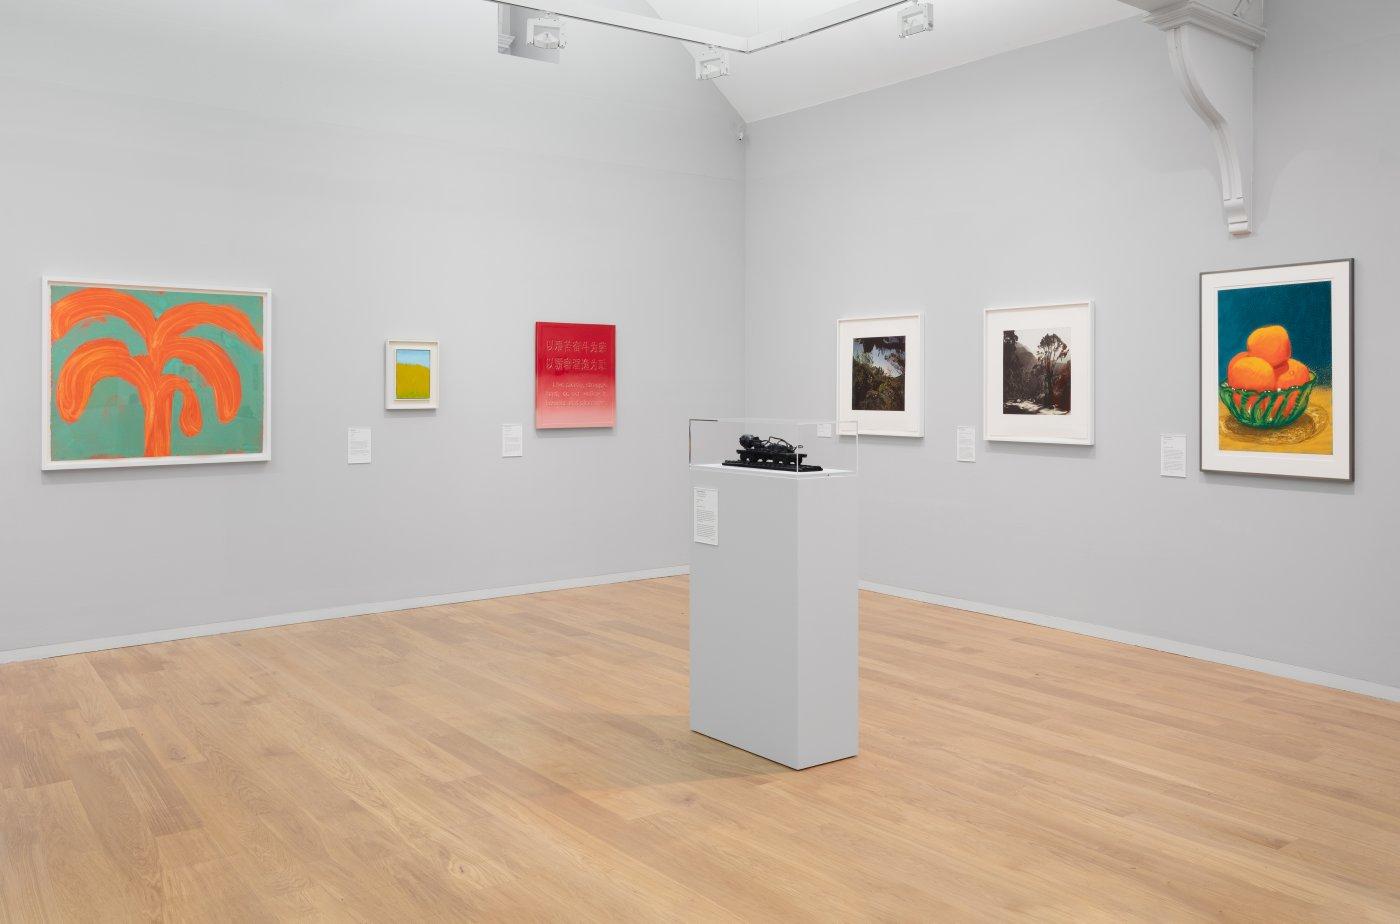 Whitechapel Gallery Gary Hume Hiscox 10